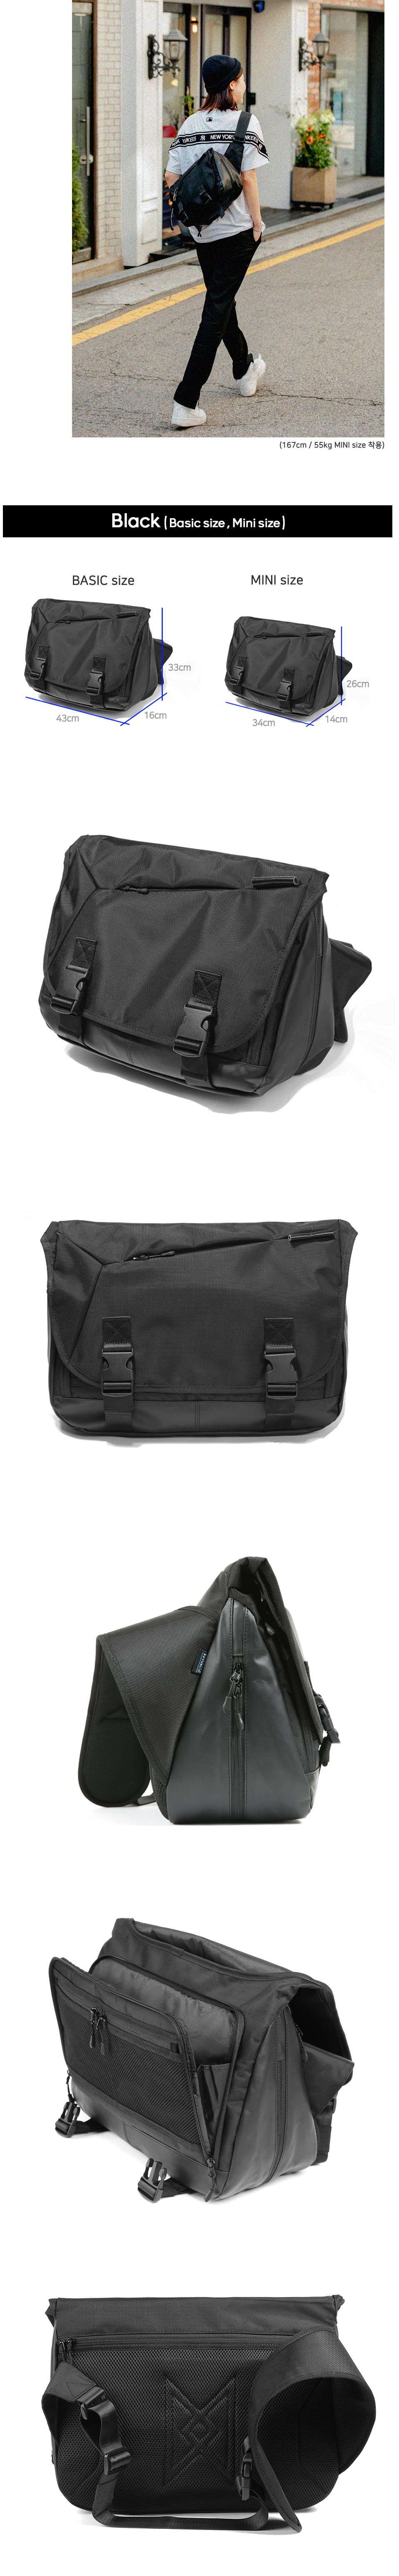 몬스터리퍼블릭(MONSTER REPUBLIC) COMPOUND MESSENGER BAG SERIES /  메신져백